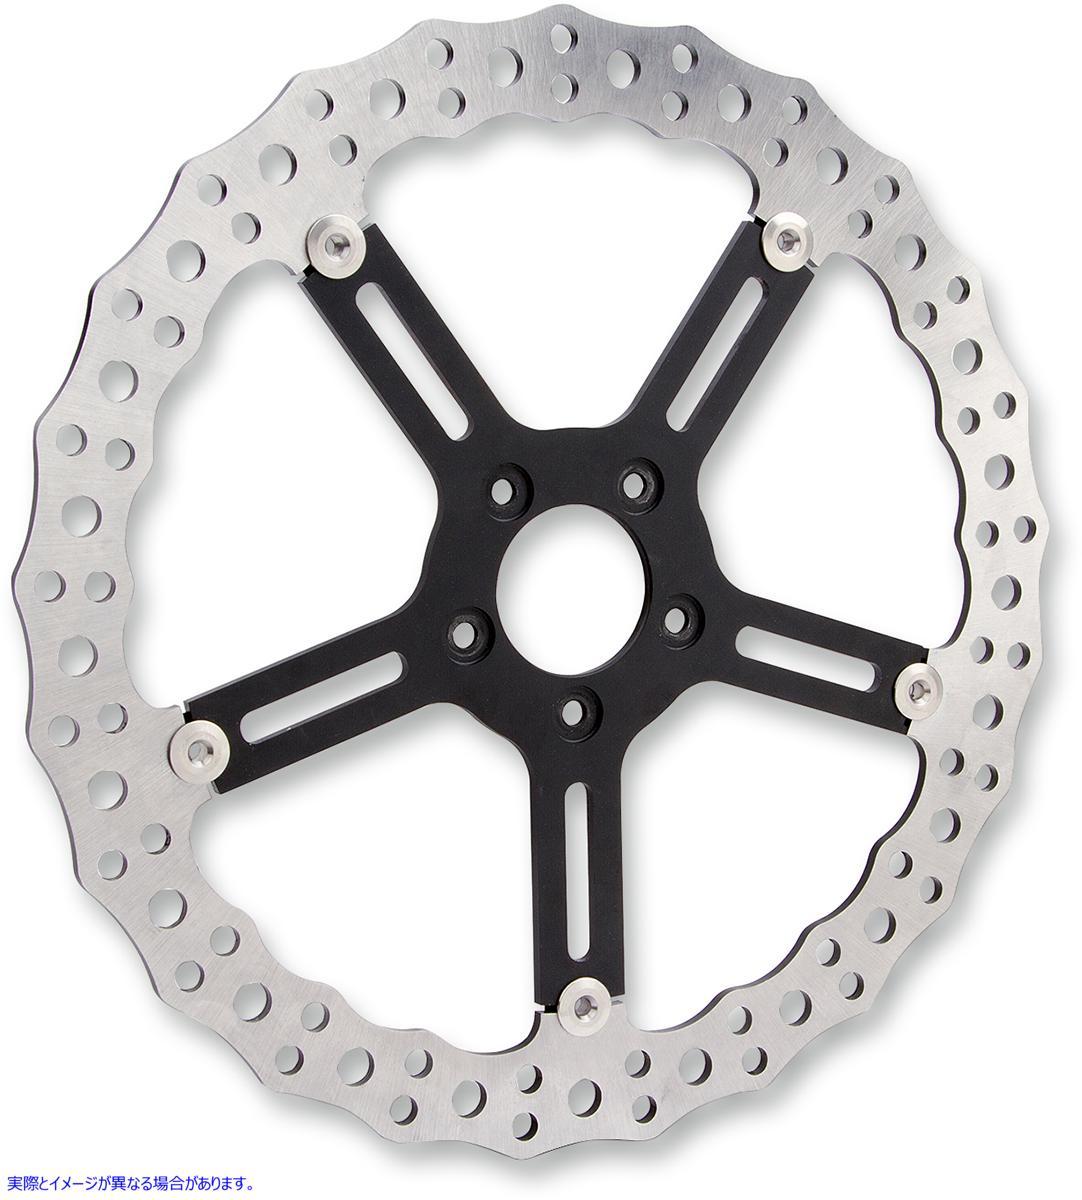 【取寄せ】 アレンネス 02-992 ARLEN NESS Jagged Brake Rotor - 15